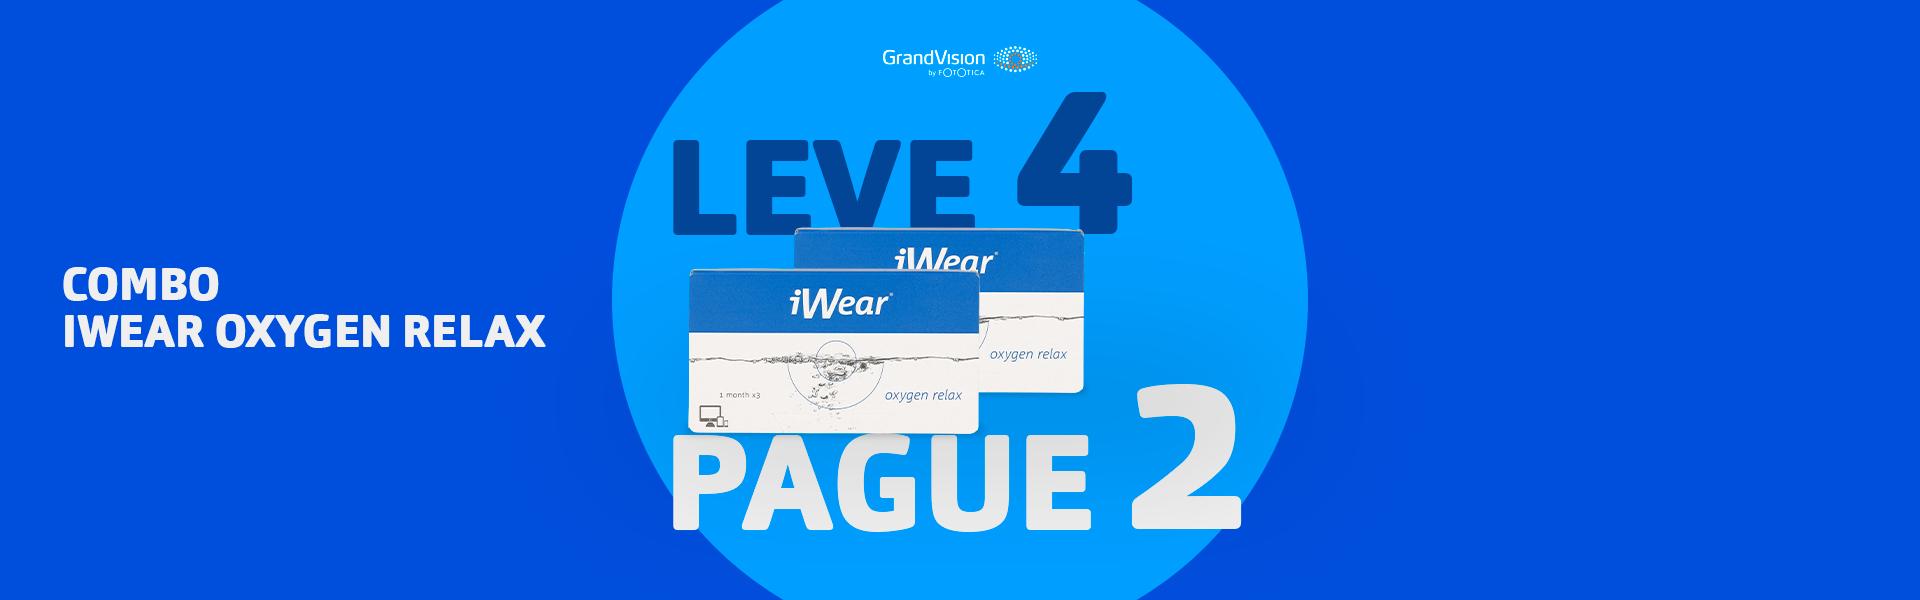 iWear Oxygen Leve 4 Pague 2